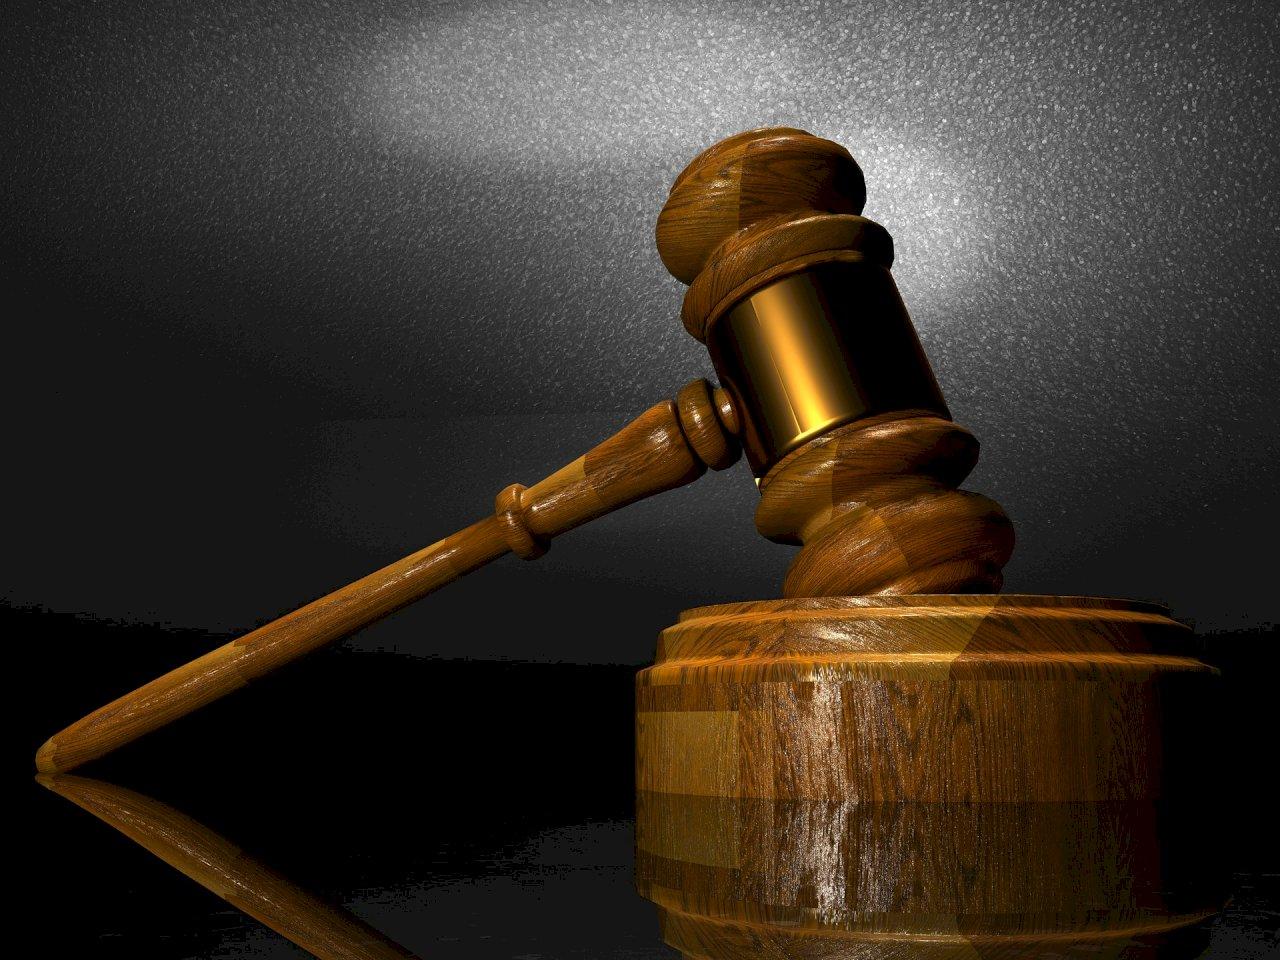 反年改聲請釋憲 大法官決議不受理